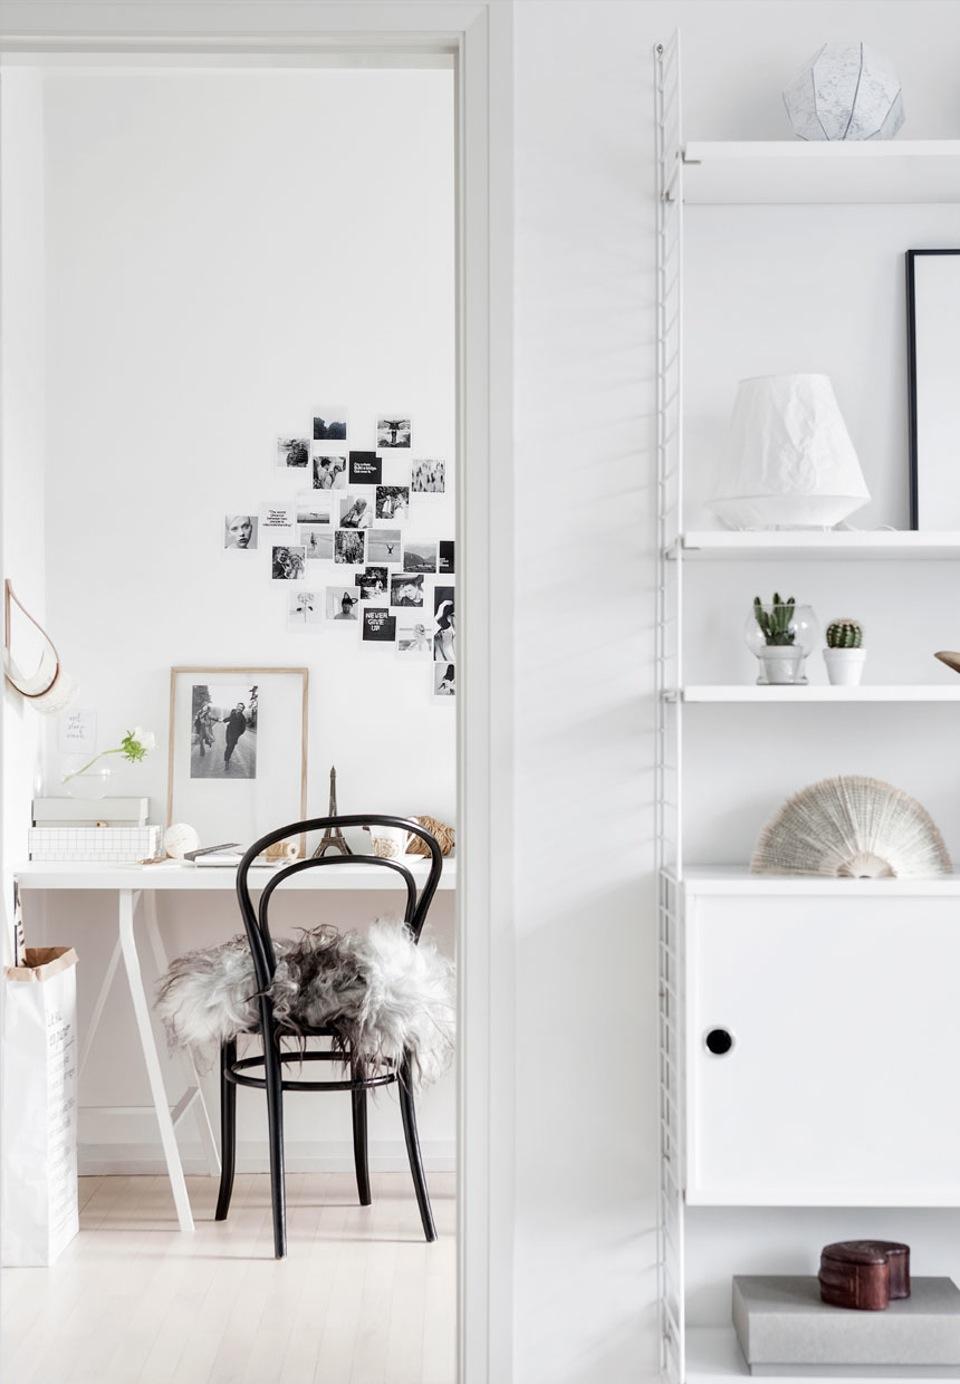 hjemmekontor-nordisk-sort-hvid-johanne-nygaard-dueholm-lejlighed-aalborg-ugxyega-ggph9fiy4bgg6a